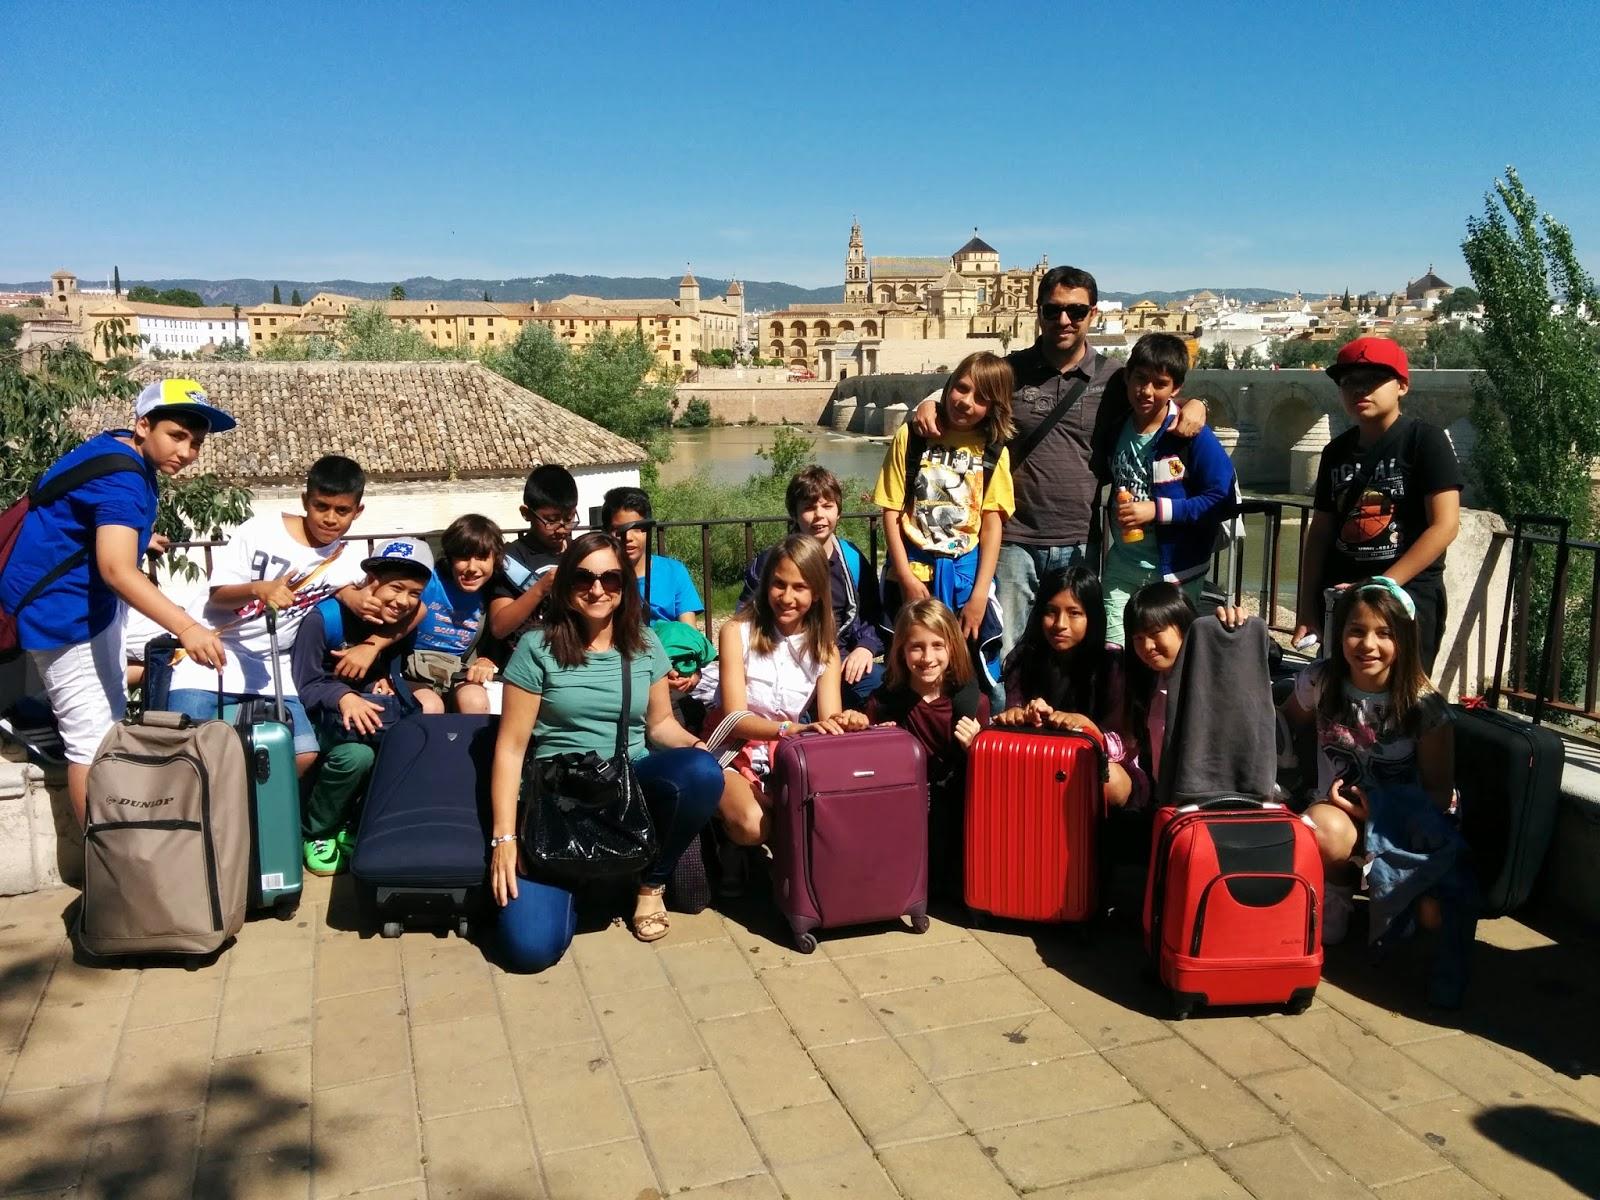 http://blogdelprofejuan.blogspot.com.es/2014/05/primer-dia-de-viaje-mezquita-de-cordoba.html